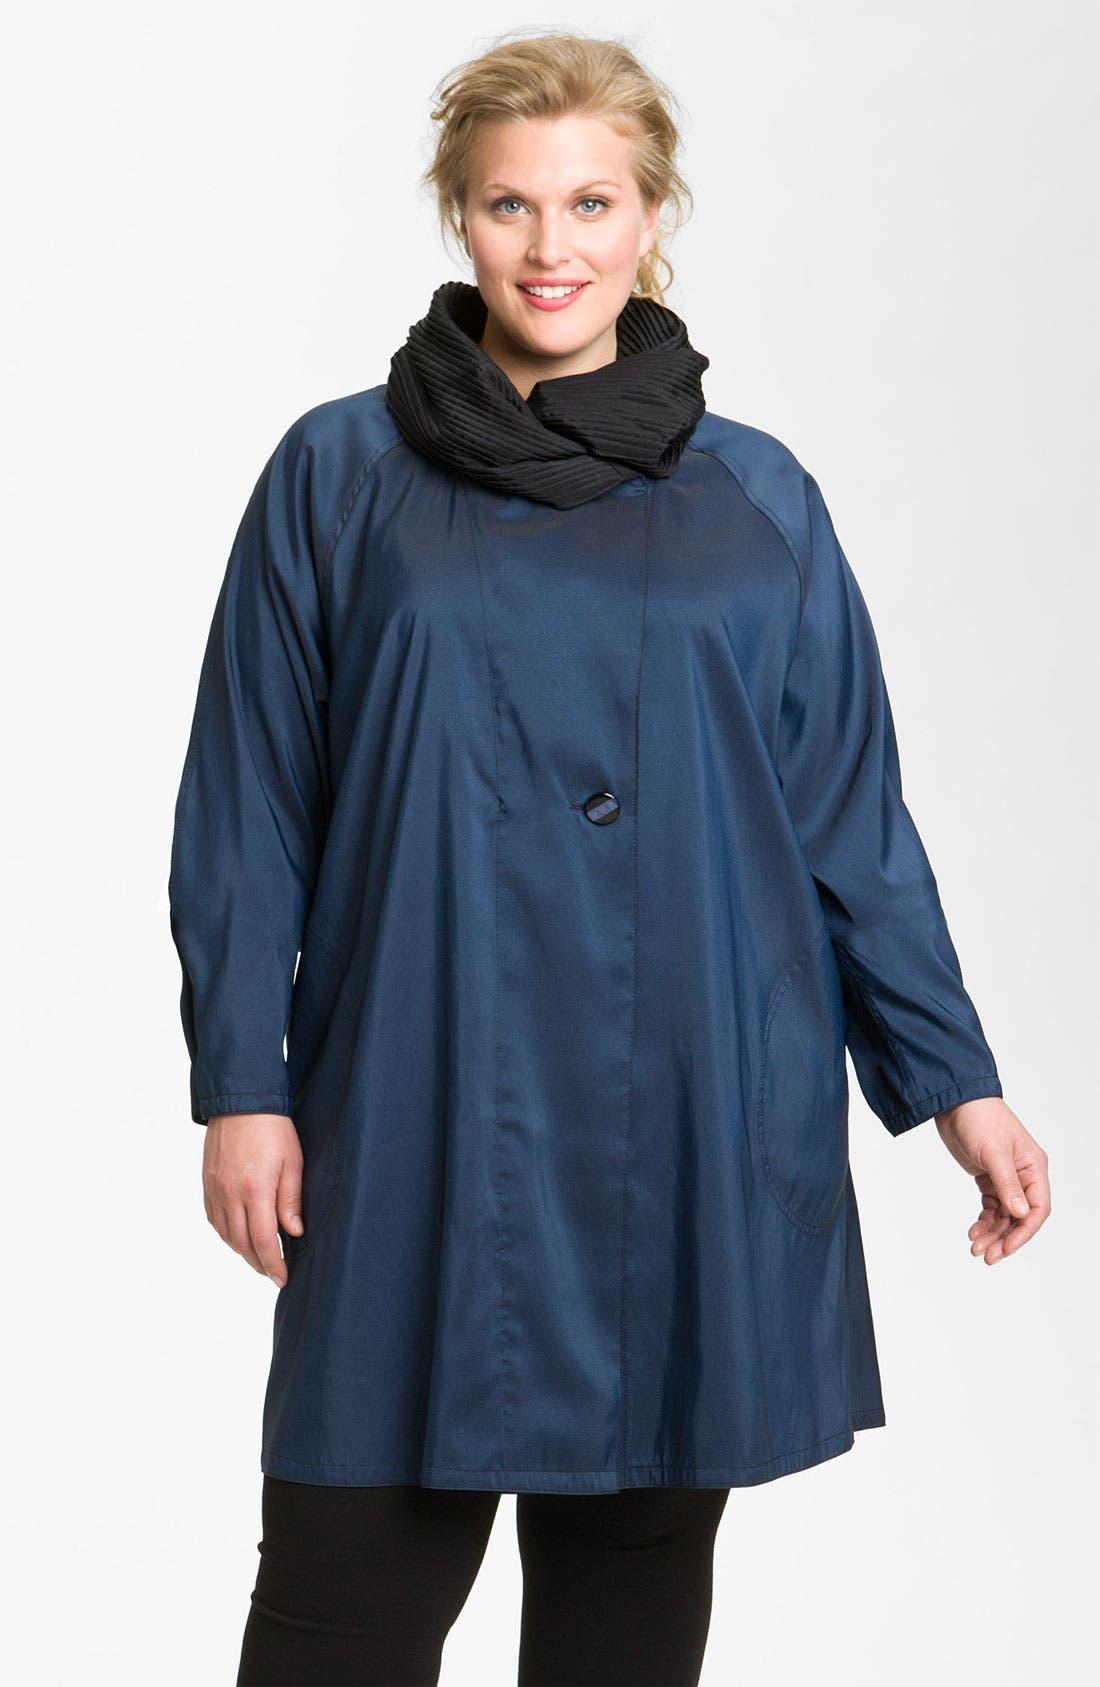 Main Image - Mycra Pac Designer Wear Reversible Pleat Hood Packable Travel Coat (Plus Size)